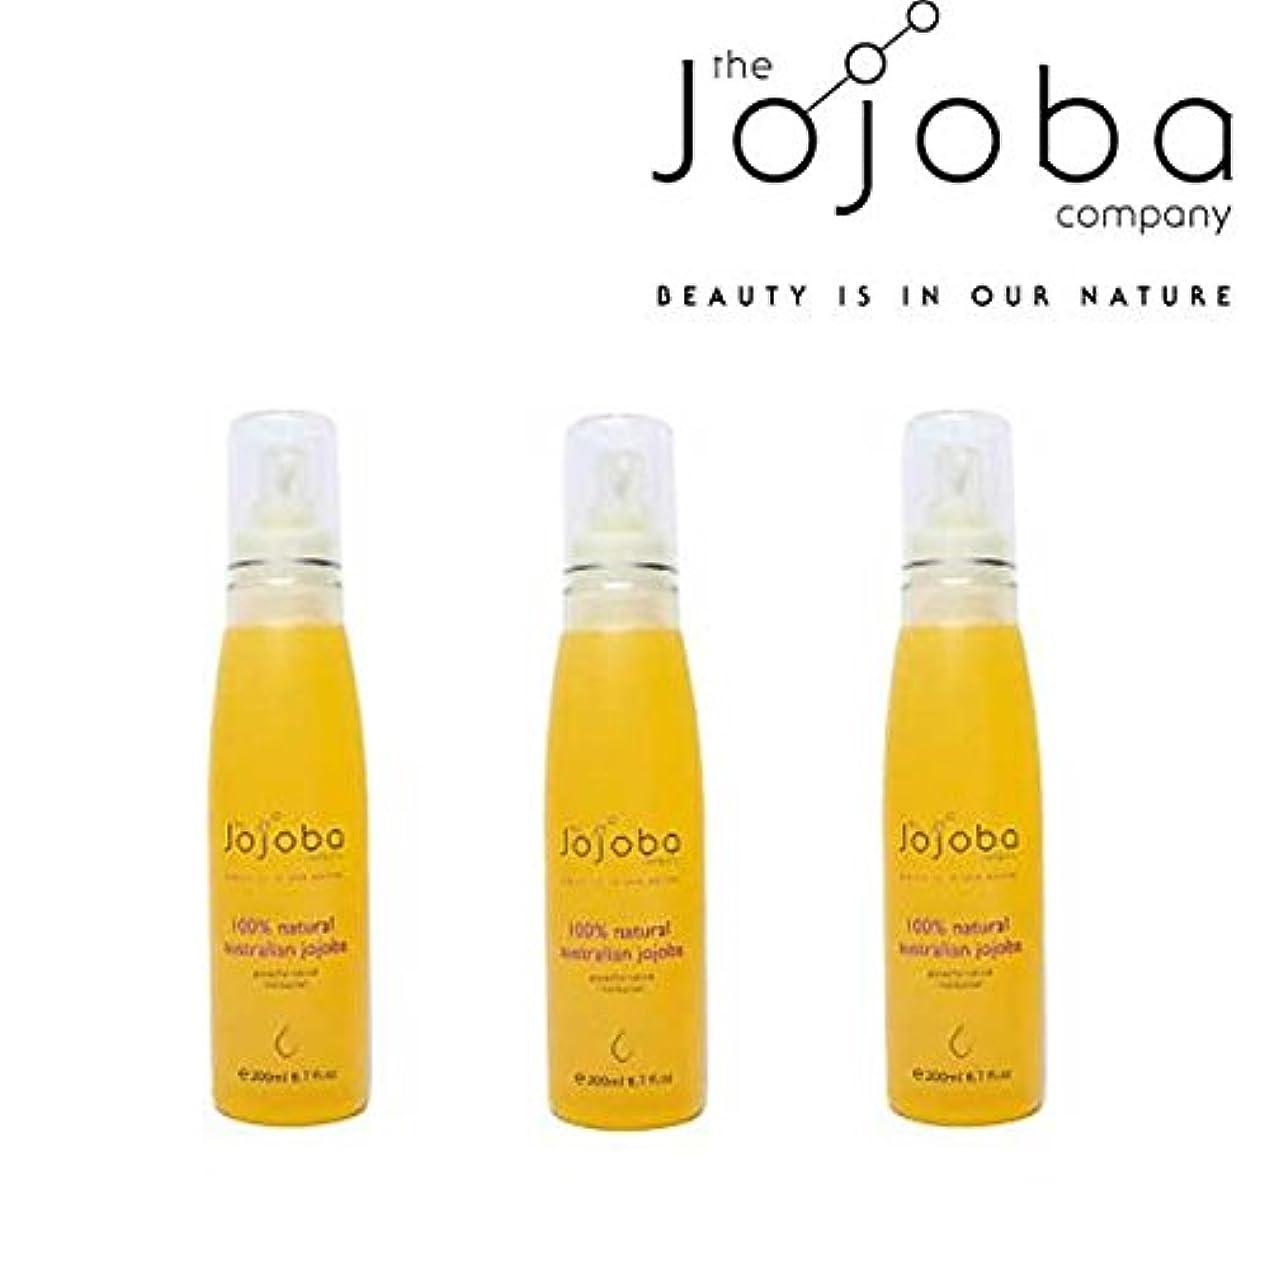 ぜいたくクリエイティブしおれた[The jojoba Company]天然100% オーストラリア産ゴールデンホホバオイル200ml(3本セット)[海外直送品]